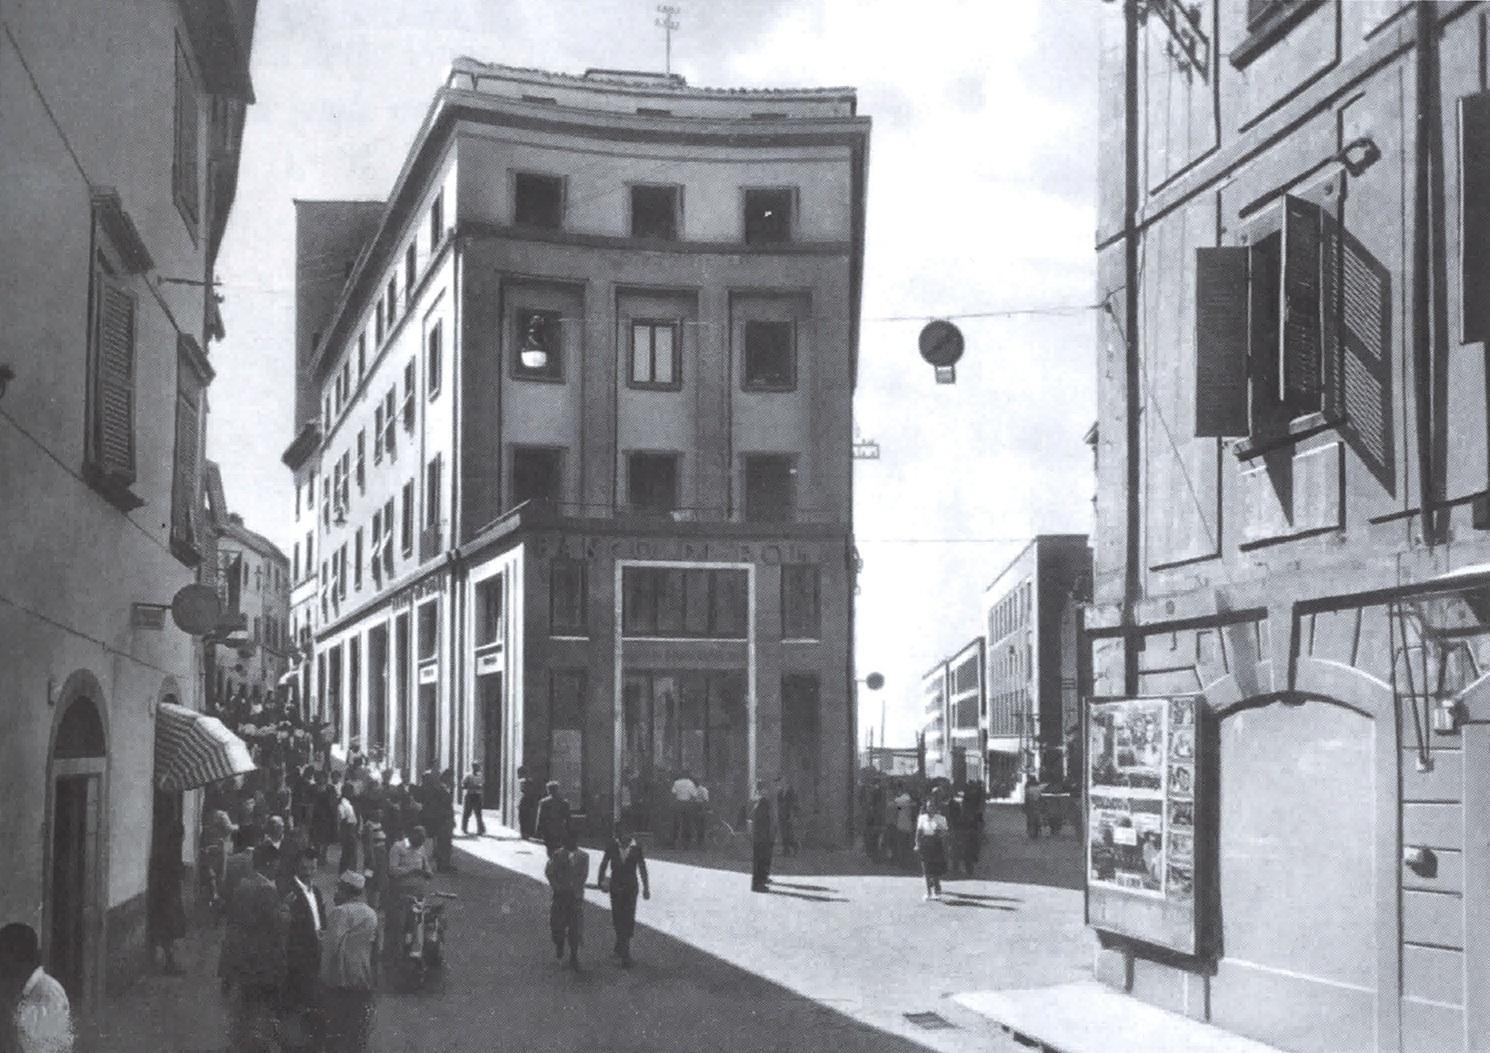 Percorsi urbani: gente di Viterbo, alla ricerca della felicità perduta